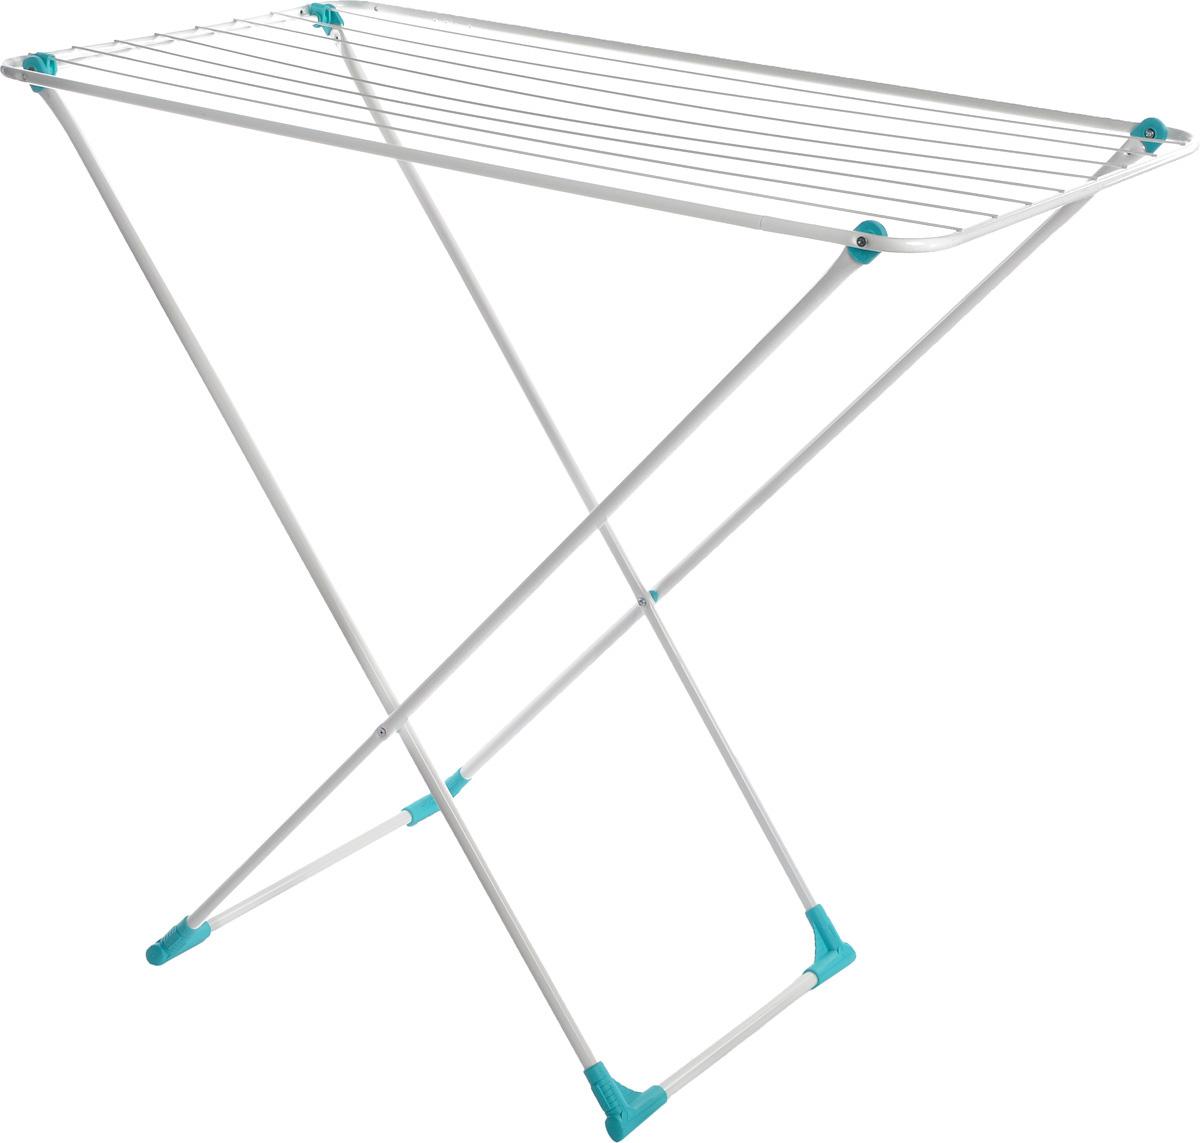 Сушилка для белья Nika, напольная, цвет: белый, 105 х 54 х 95 смСБ3бНапольная сушилка для белья Nika проста и удобна в использовании, компактно складывается, экономя место в вашей квартире. Сушилку можно использовать на балконе или дома. Сушилка имеет специальные пластиковые крепления в основе стоек, которые не царапают пол. Размер сушилки в разложенном виде: 105 x 54 x 95 см.Размер сушилки в сложенном виде: 15 х 54 х 2,5 см.Длина сушильного полотна: 10 м.